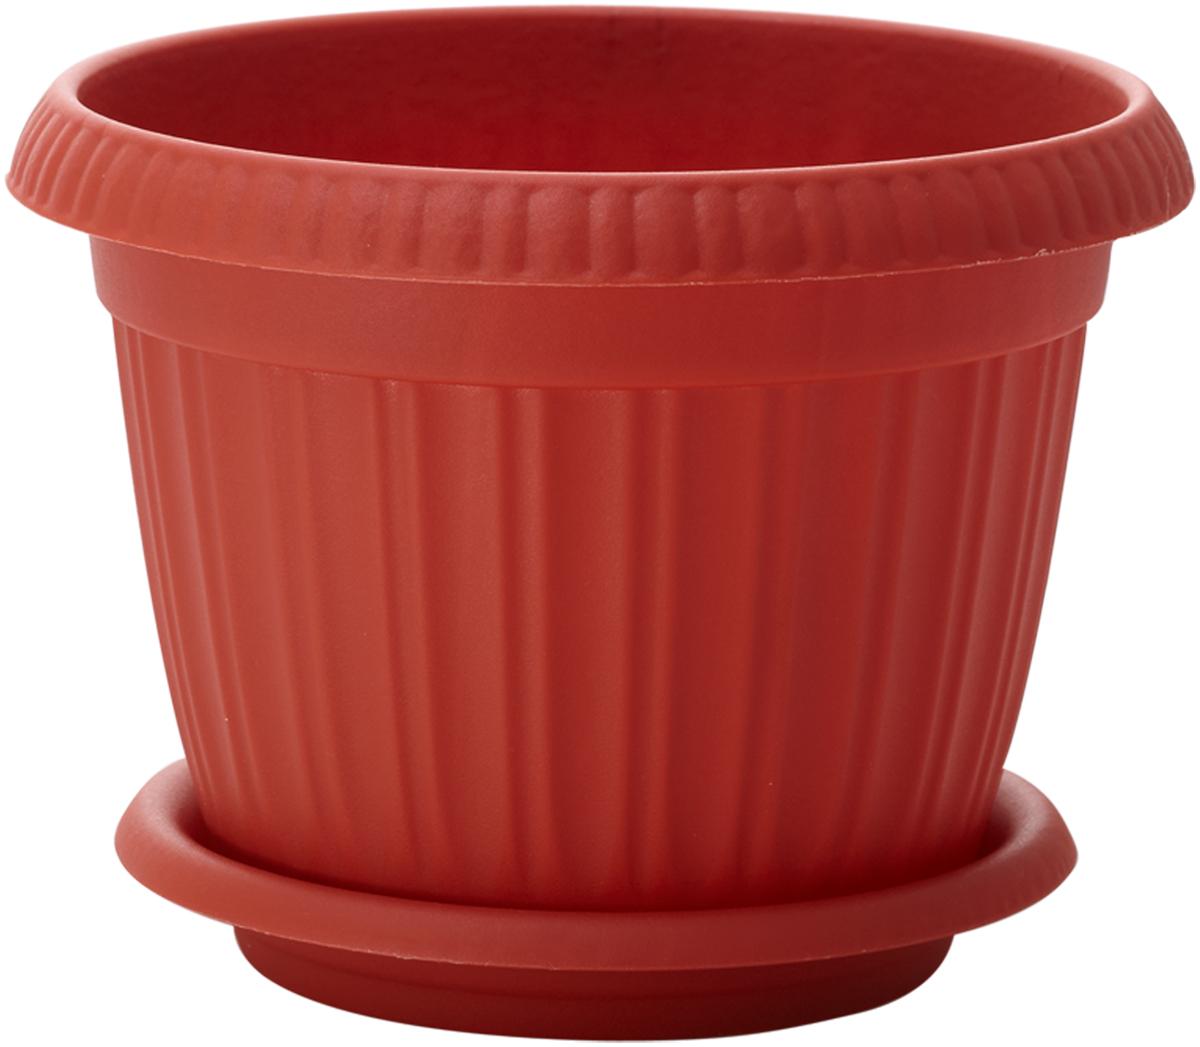 Горшок для цветов InGreen Таити, с подставкой, цвет: терракотовый, диаметр 18 смING41018FТРГоршок InGreen Таити выполнен из высококачественного полипропилена (пластика) и предназначен для выращивания цветов, растений и трав. Снабжен подставкой для стока воды.Такой горшок порадует вас функциональностью, а благодаря лаконичному дизайну впишется в любой интерьер помещения.Диаметр горшка (по верхнему краю): 18 см. Высота горшка: 13,8 см.